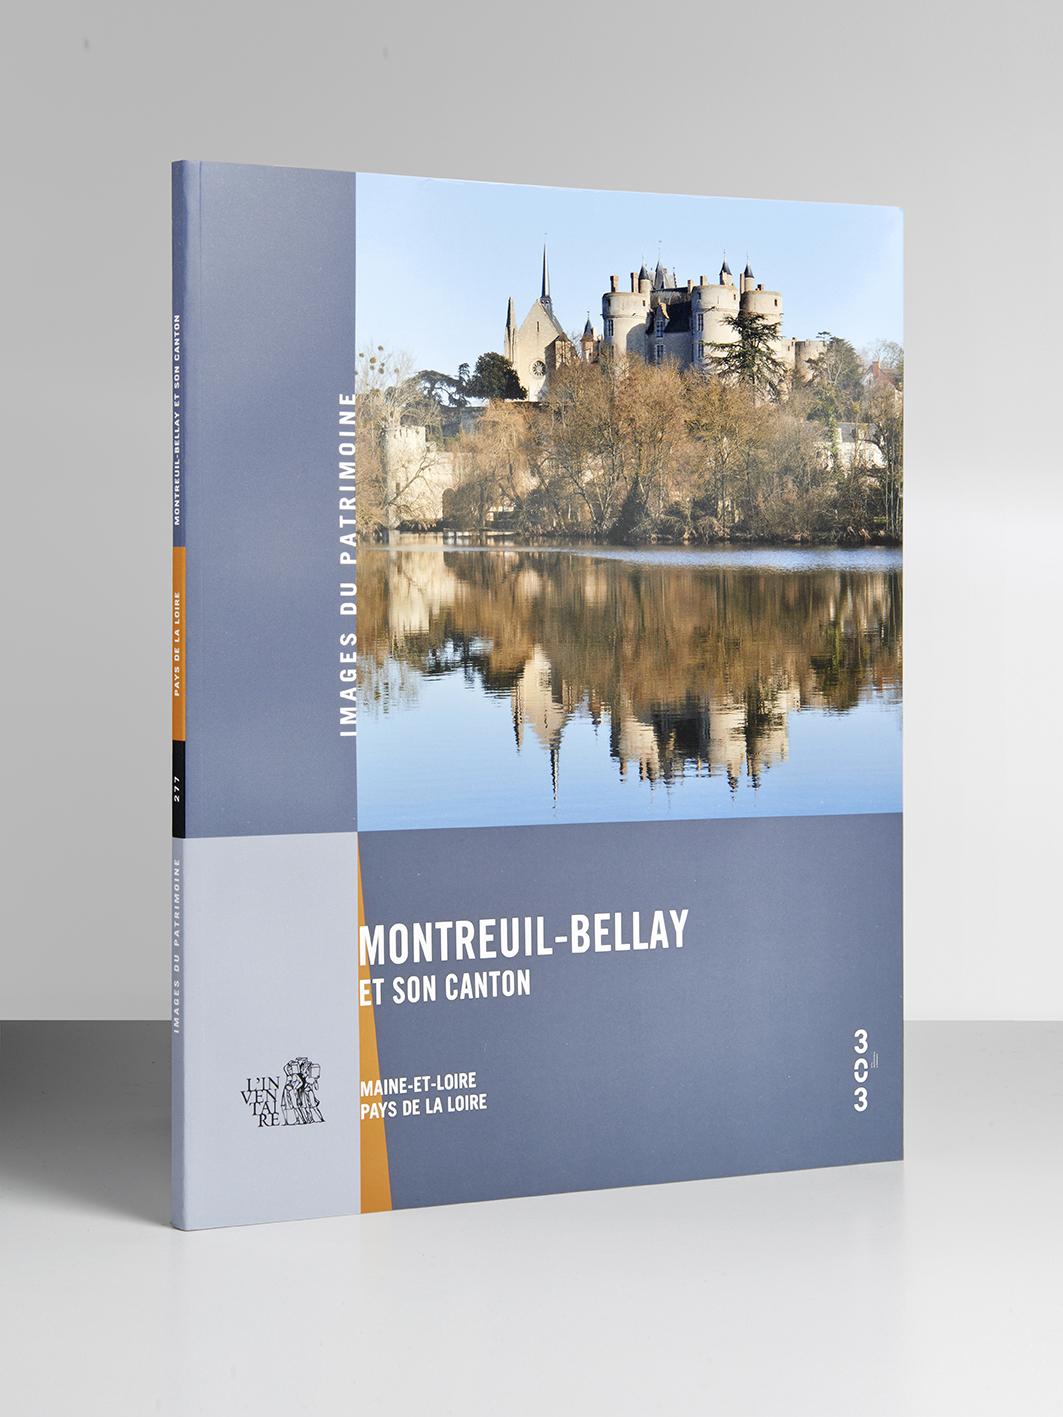 Images du patrimoine_277_Montreuil-Bellay